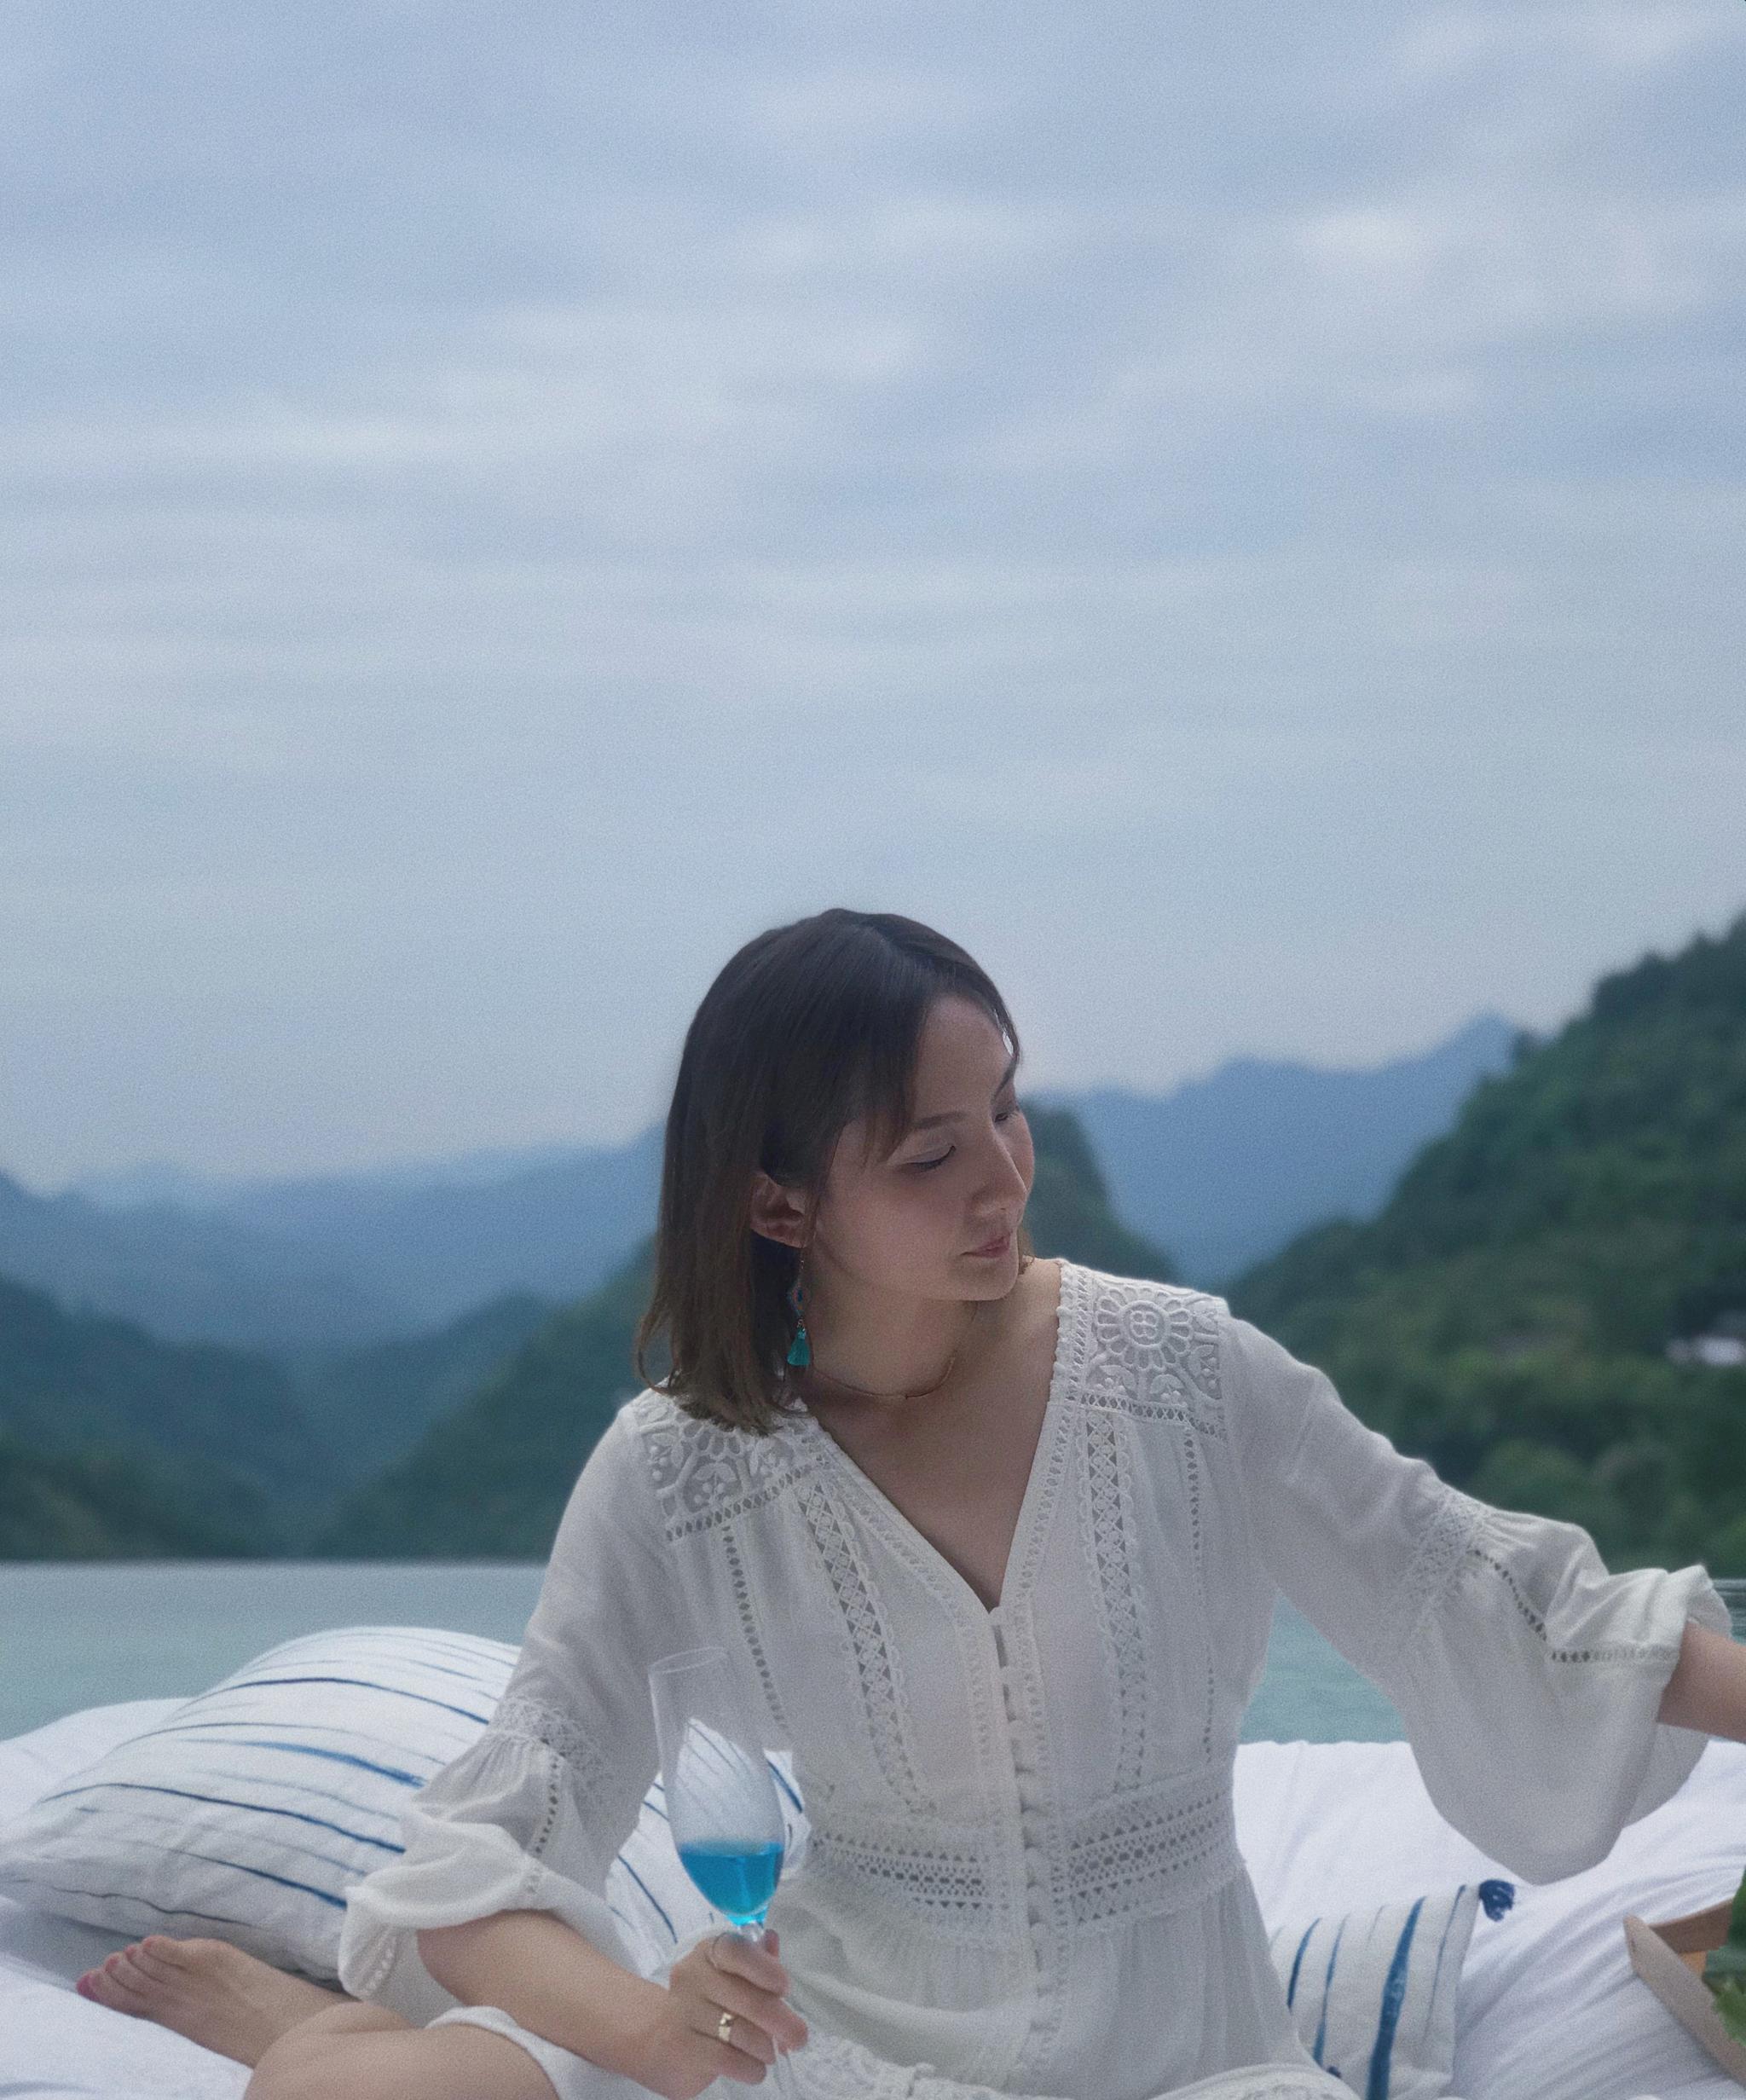 《民宿里的中国》会下地,能种田,更能美美哒~@黄胜楠